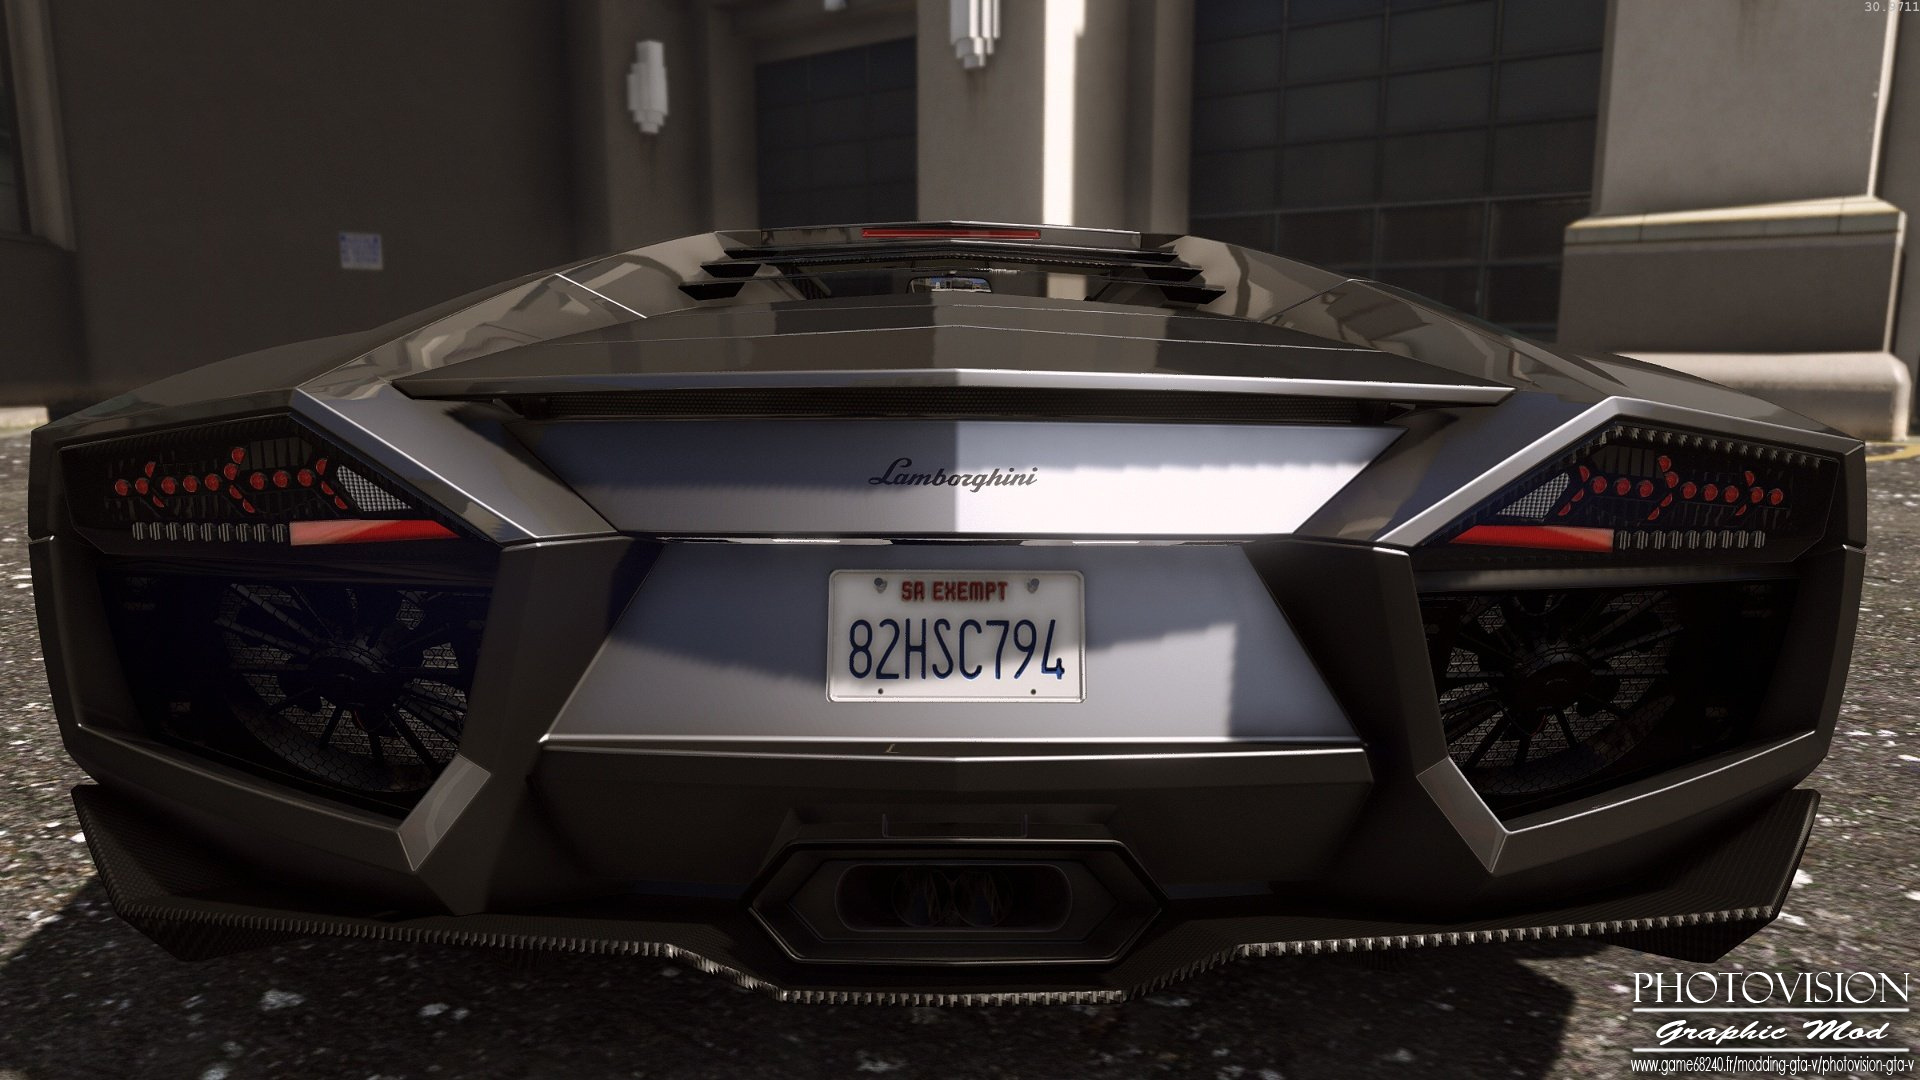 85d8c3 14 - Lamborghini Reventon